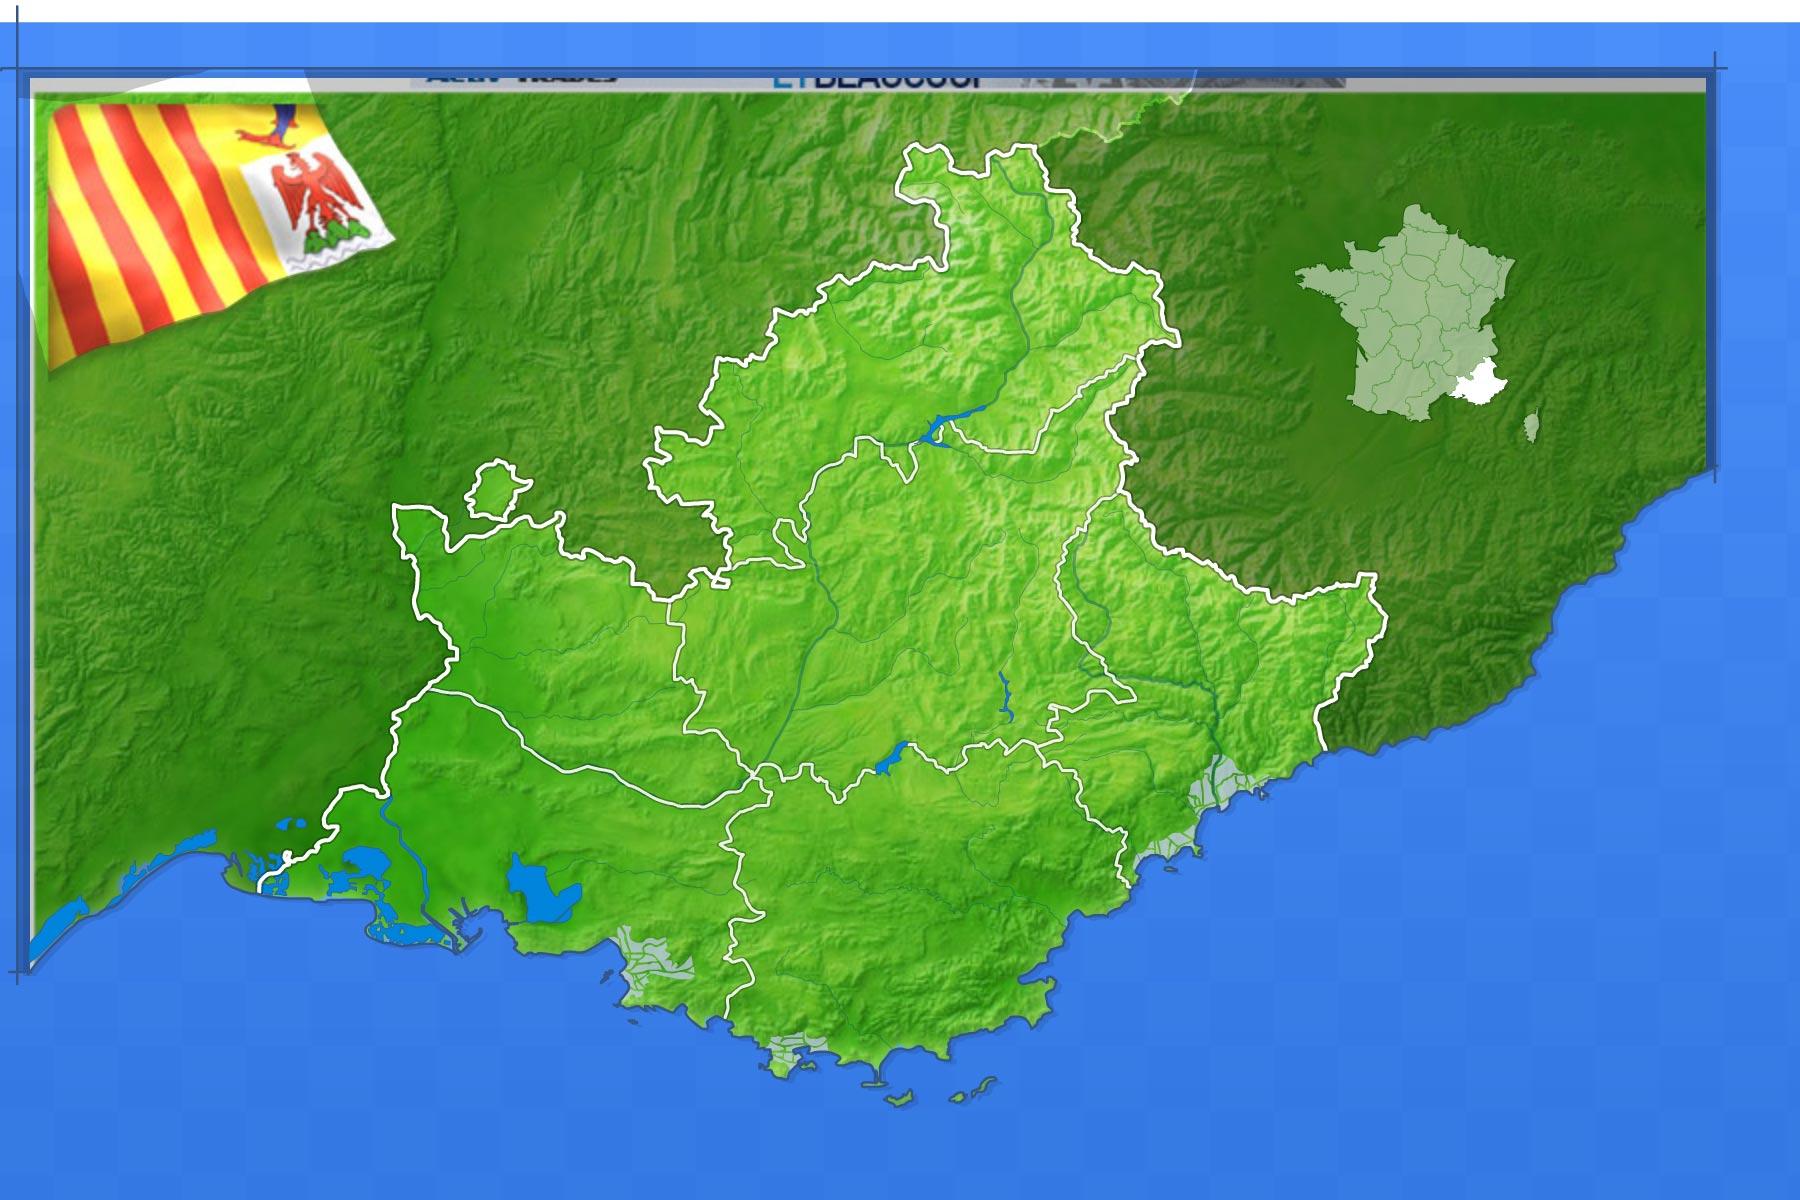 Jeux-Geographiques Jeux Gratuits Villes De Provence pour Jeux Des Villes De France